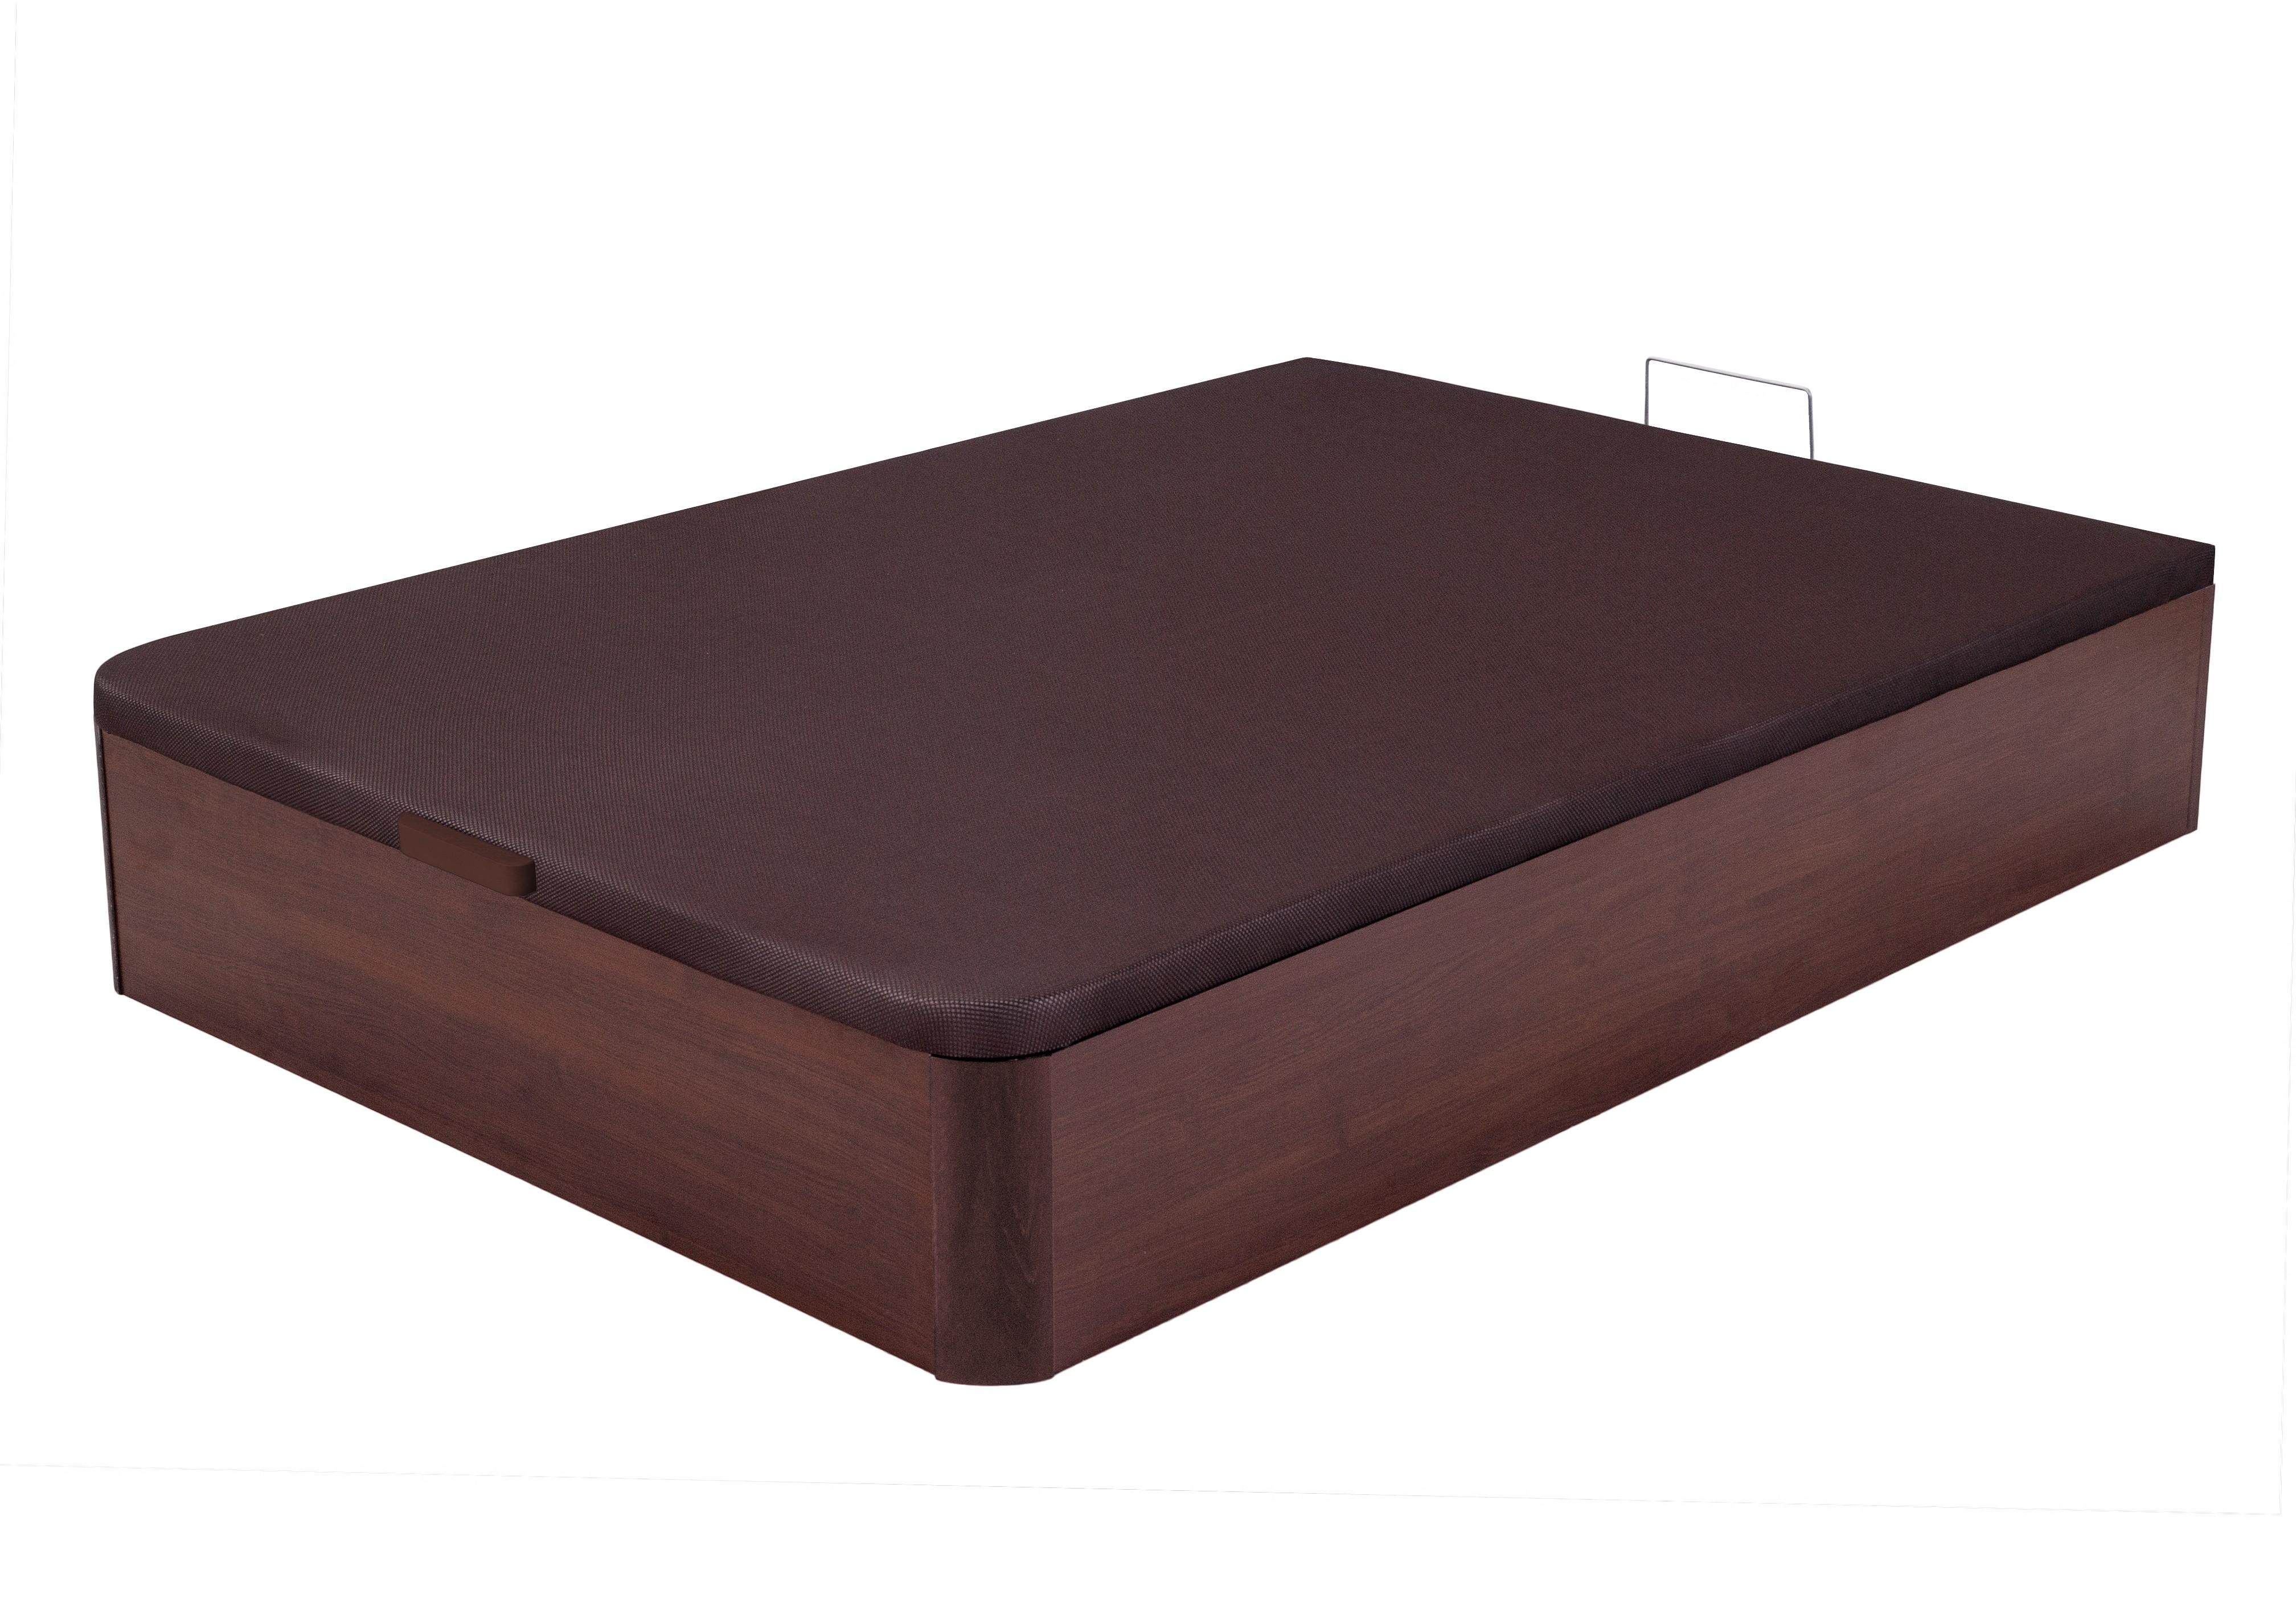 sommier lit coffre bois melamin wengu kosta 160. Black Bedroom Furniture Sets. Home Design Ideas